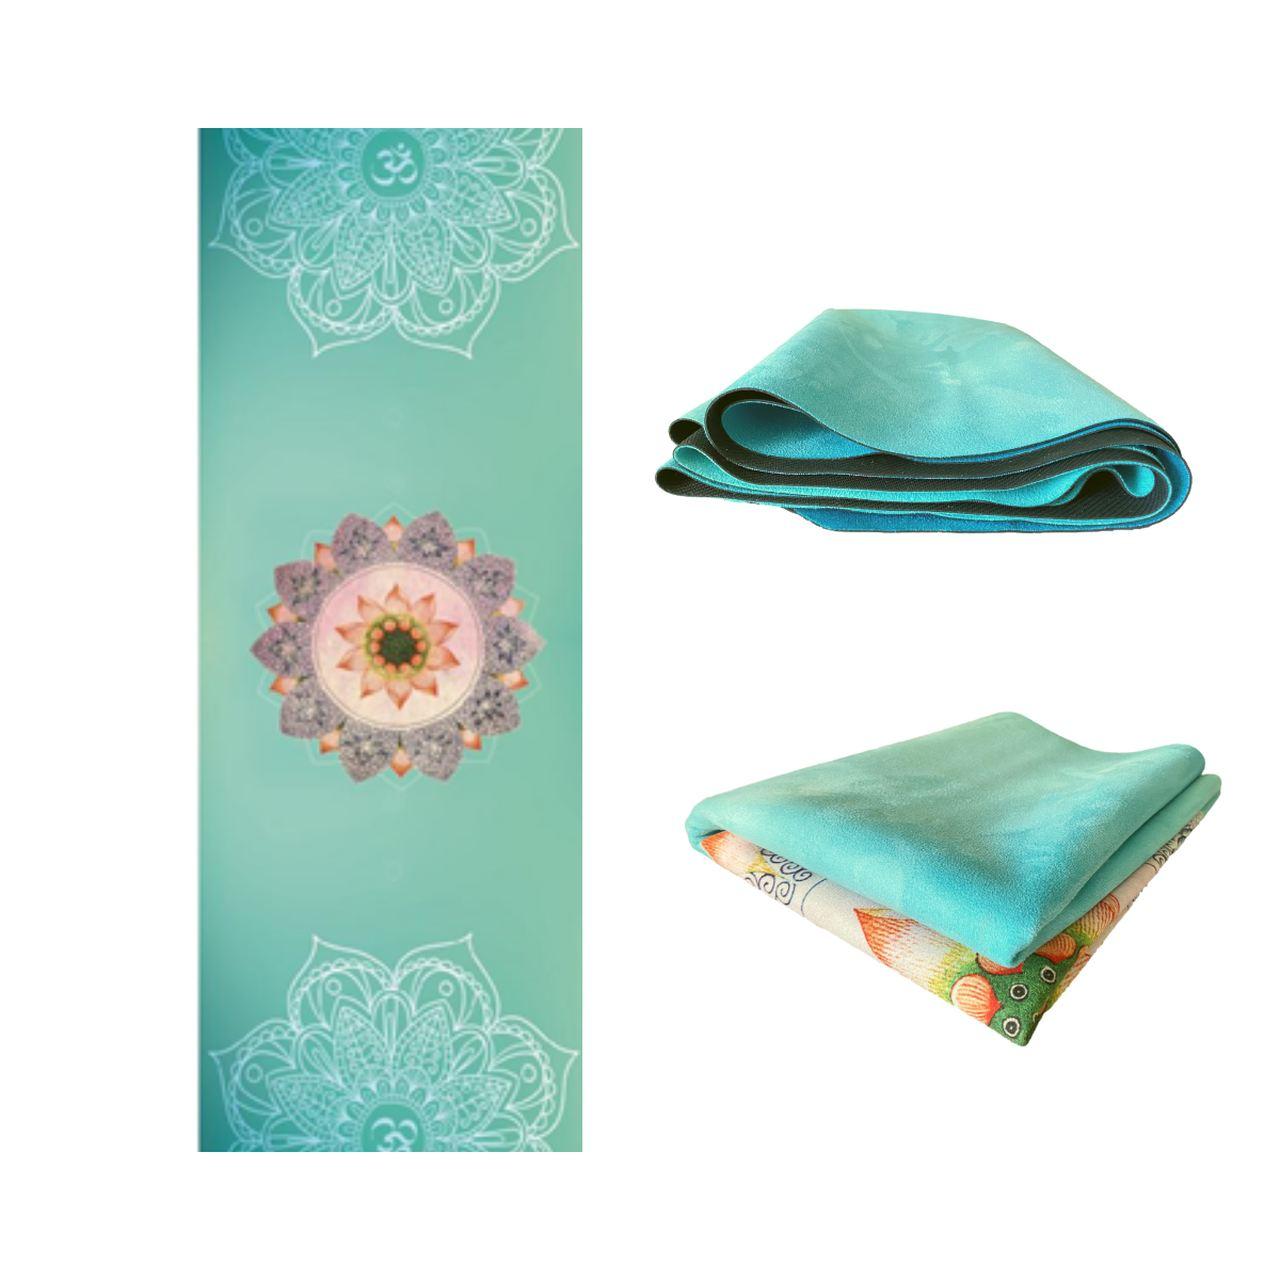 Tapete de Yoga Dobrável para Viagem Aveludado com Borracha Natural 1,5mm - Paz Interior